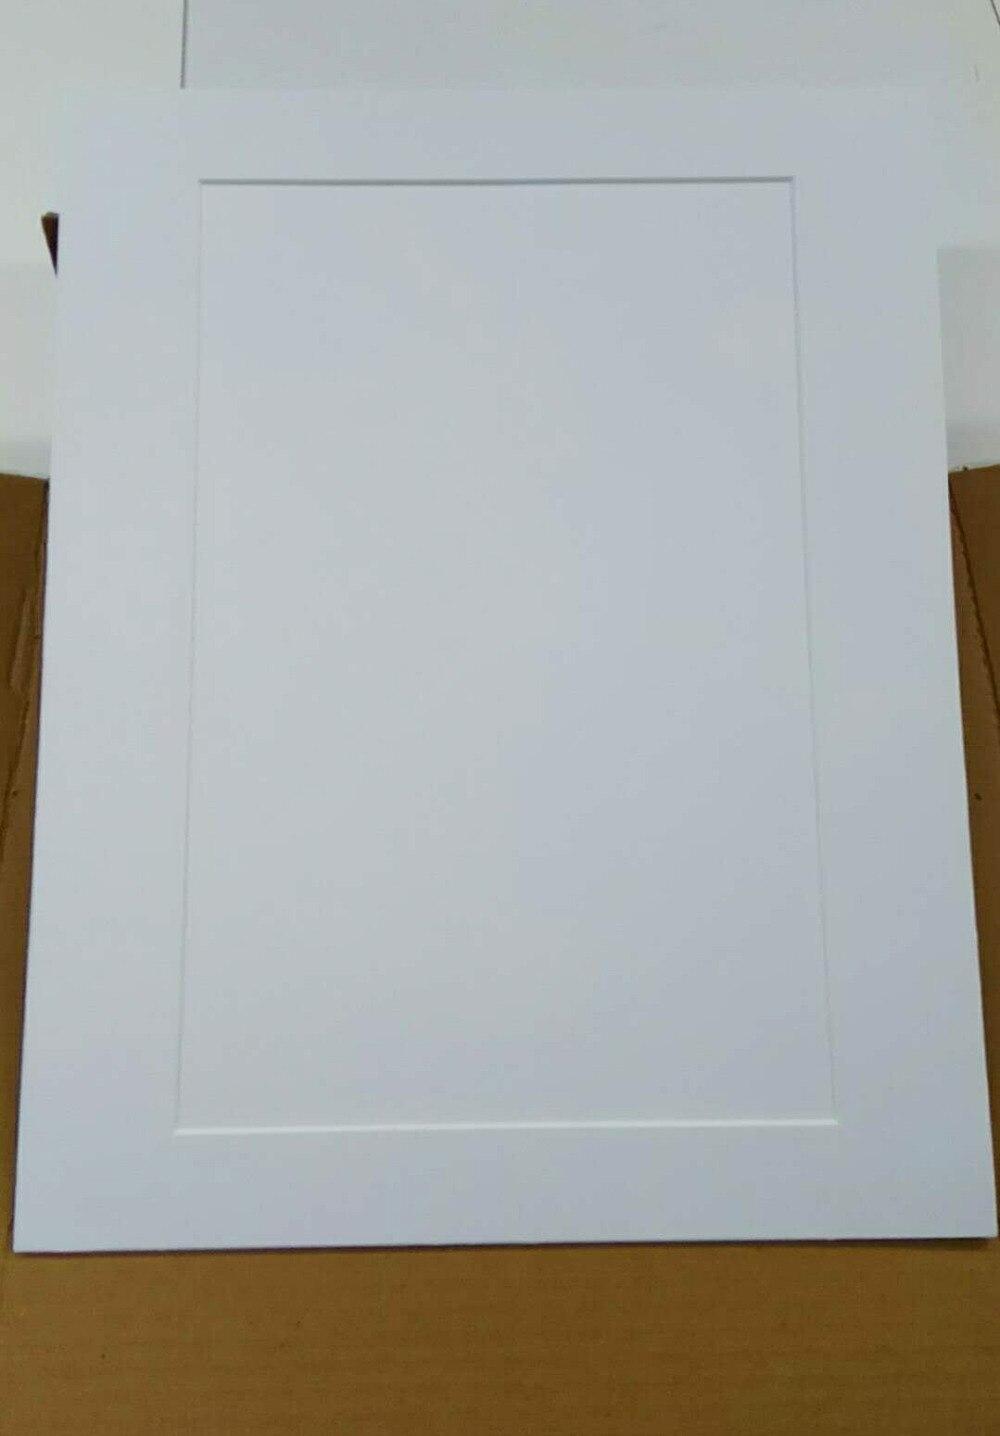 Gemütlich Weiß 11x14 Bilderrahmen Bilder - Benutzerdefinierte ...